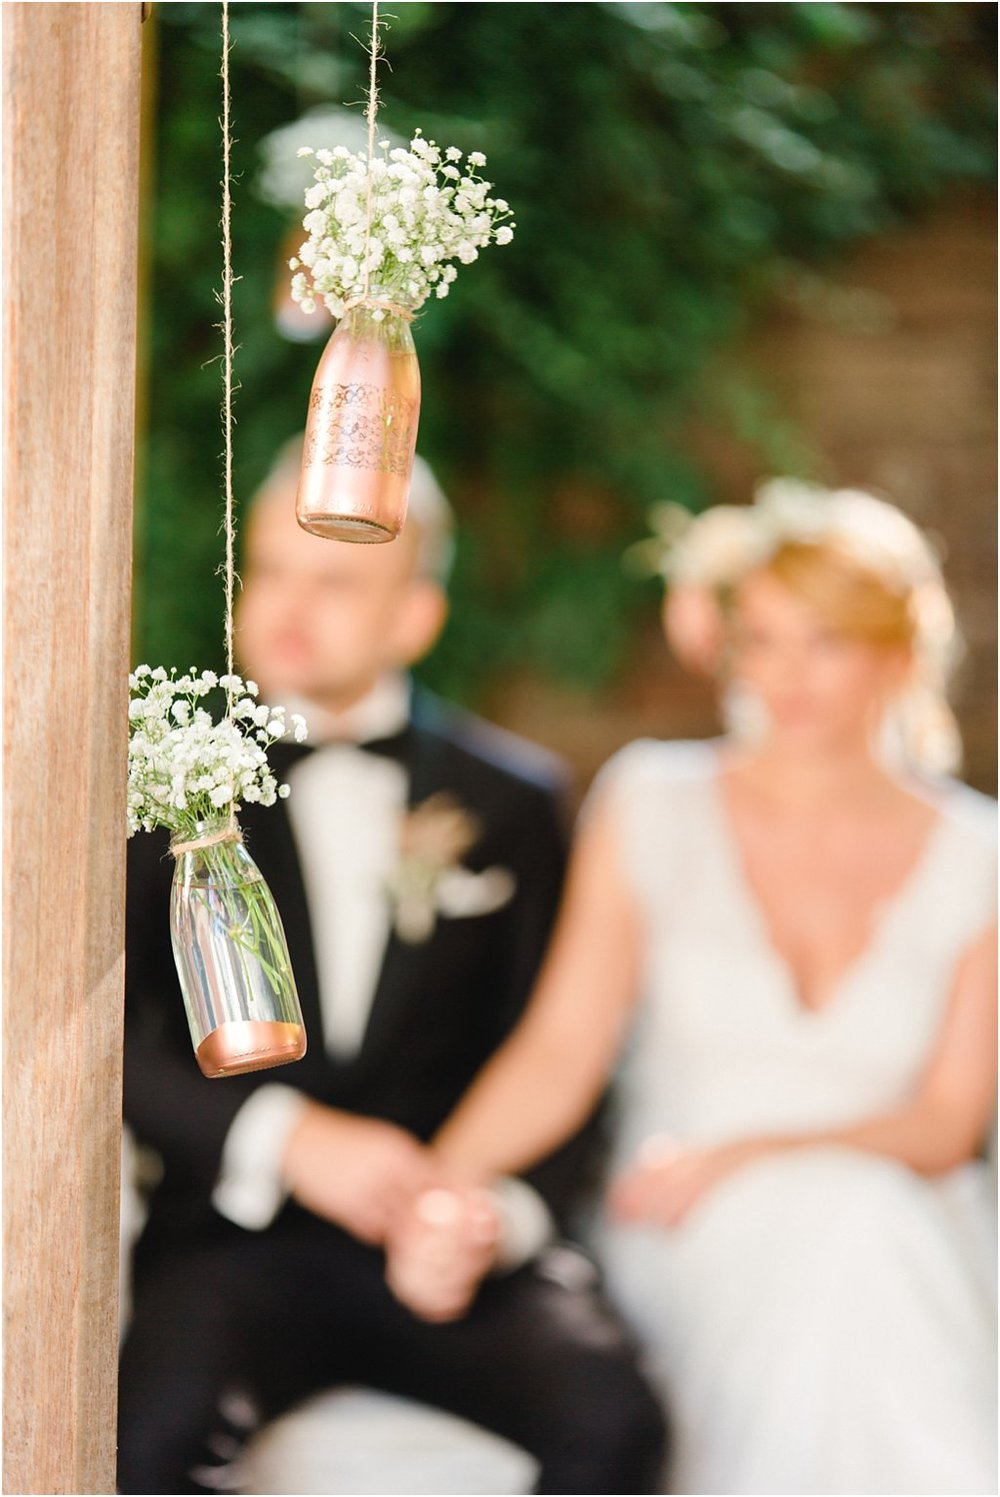 Blumenschmuck Hochzeit Kupfer